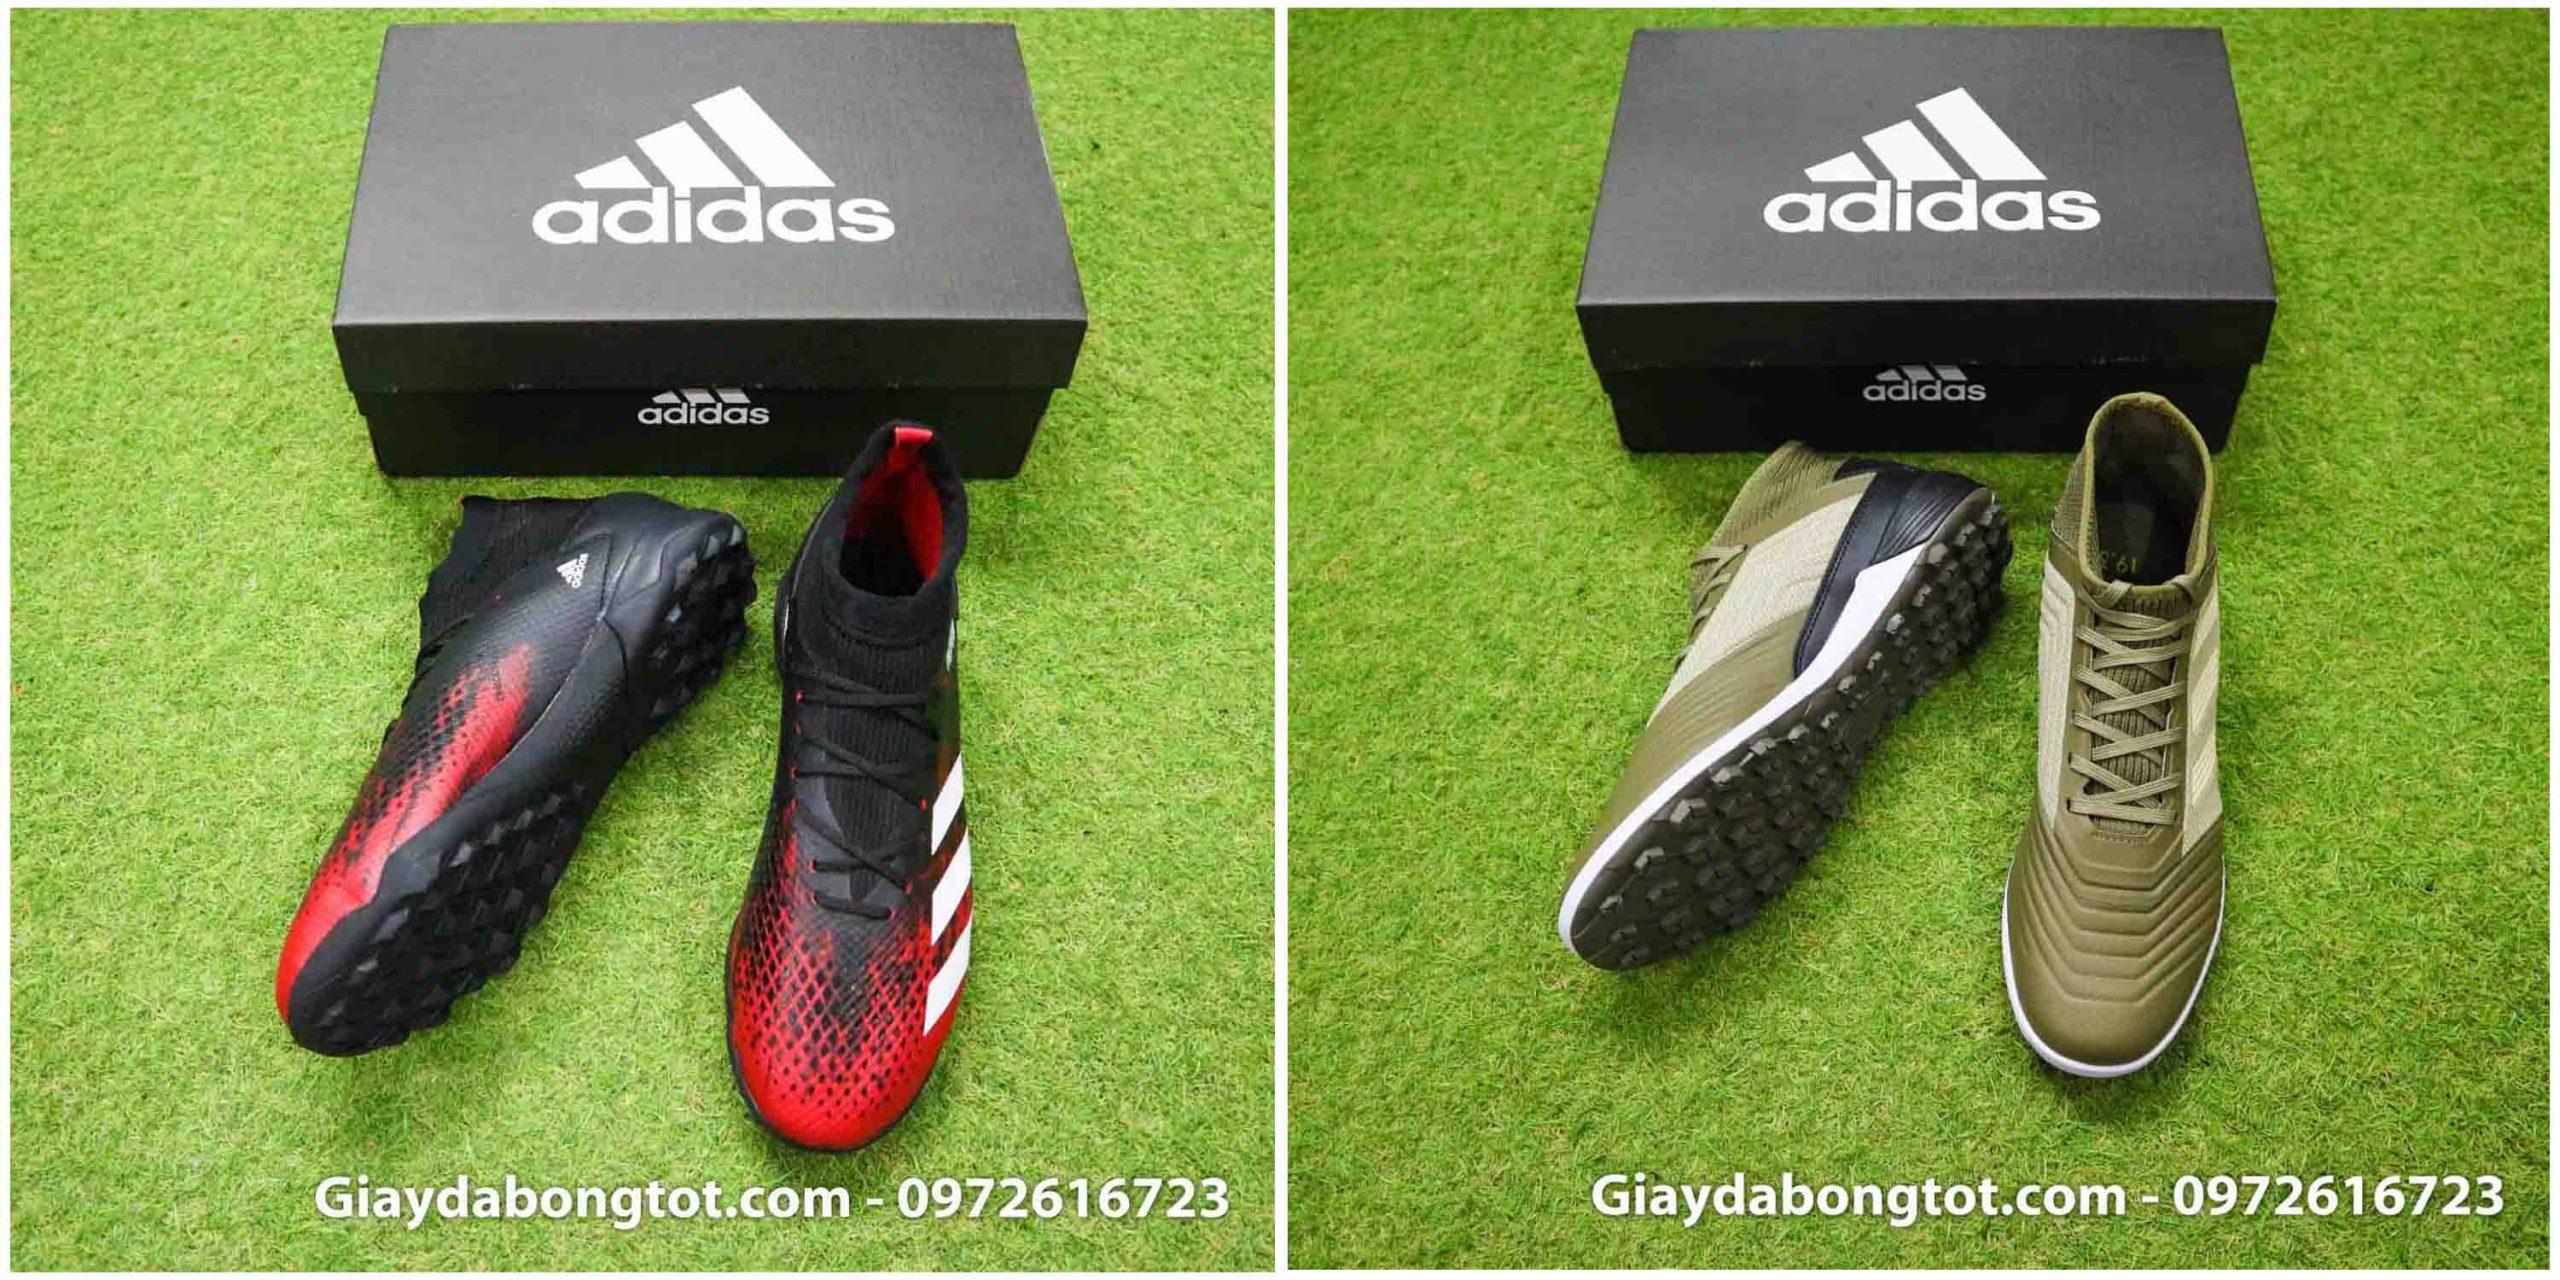 Adidas Predator 20.3 TF có da giày khác với Predator 19.3 TF